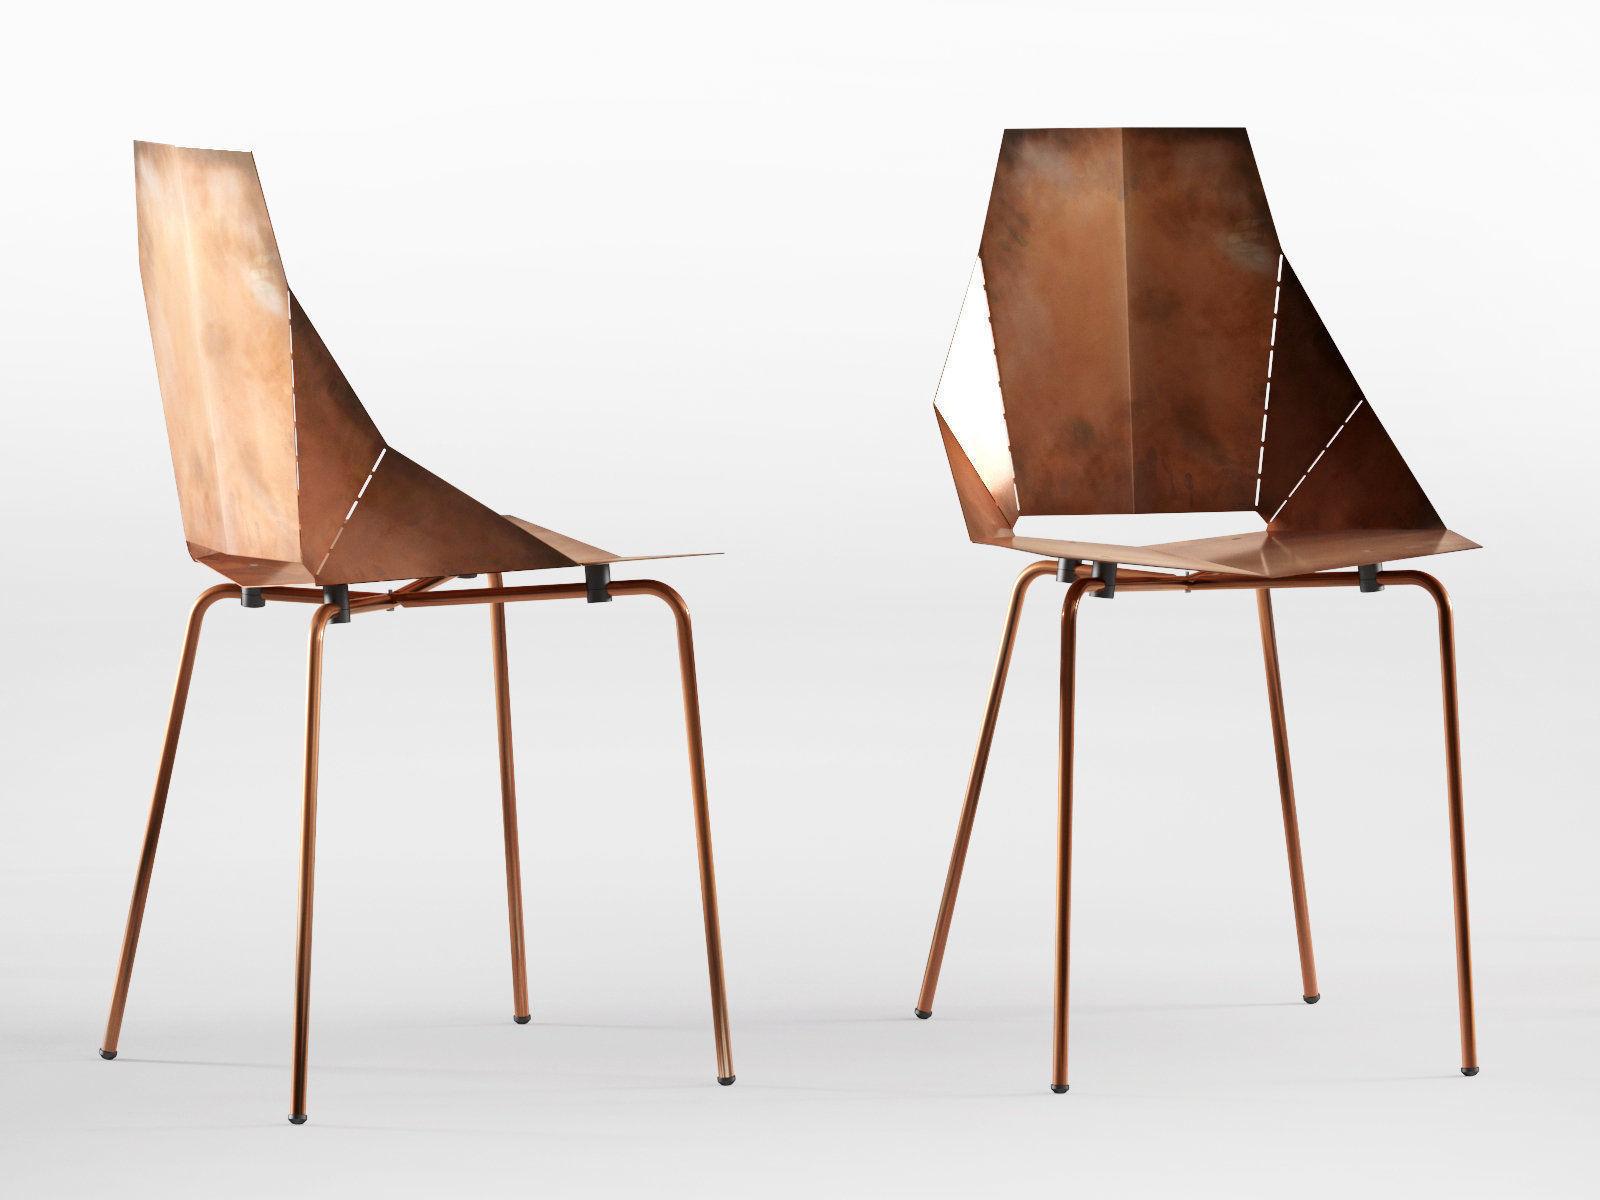 real good chair bamboo cushions 3d cgtrader model